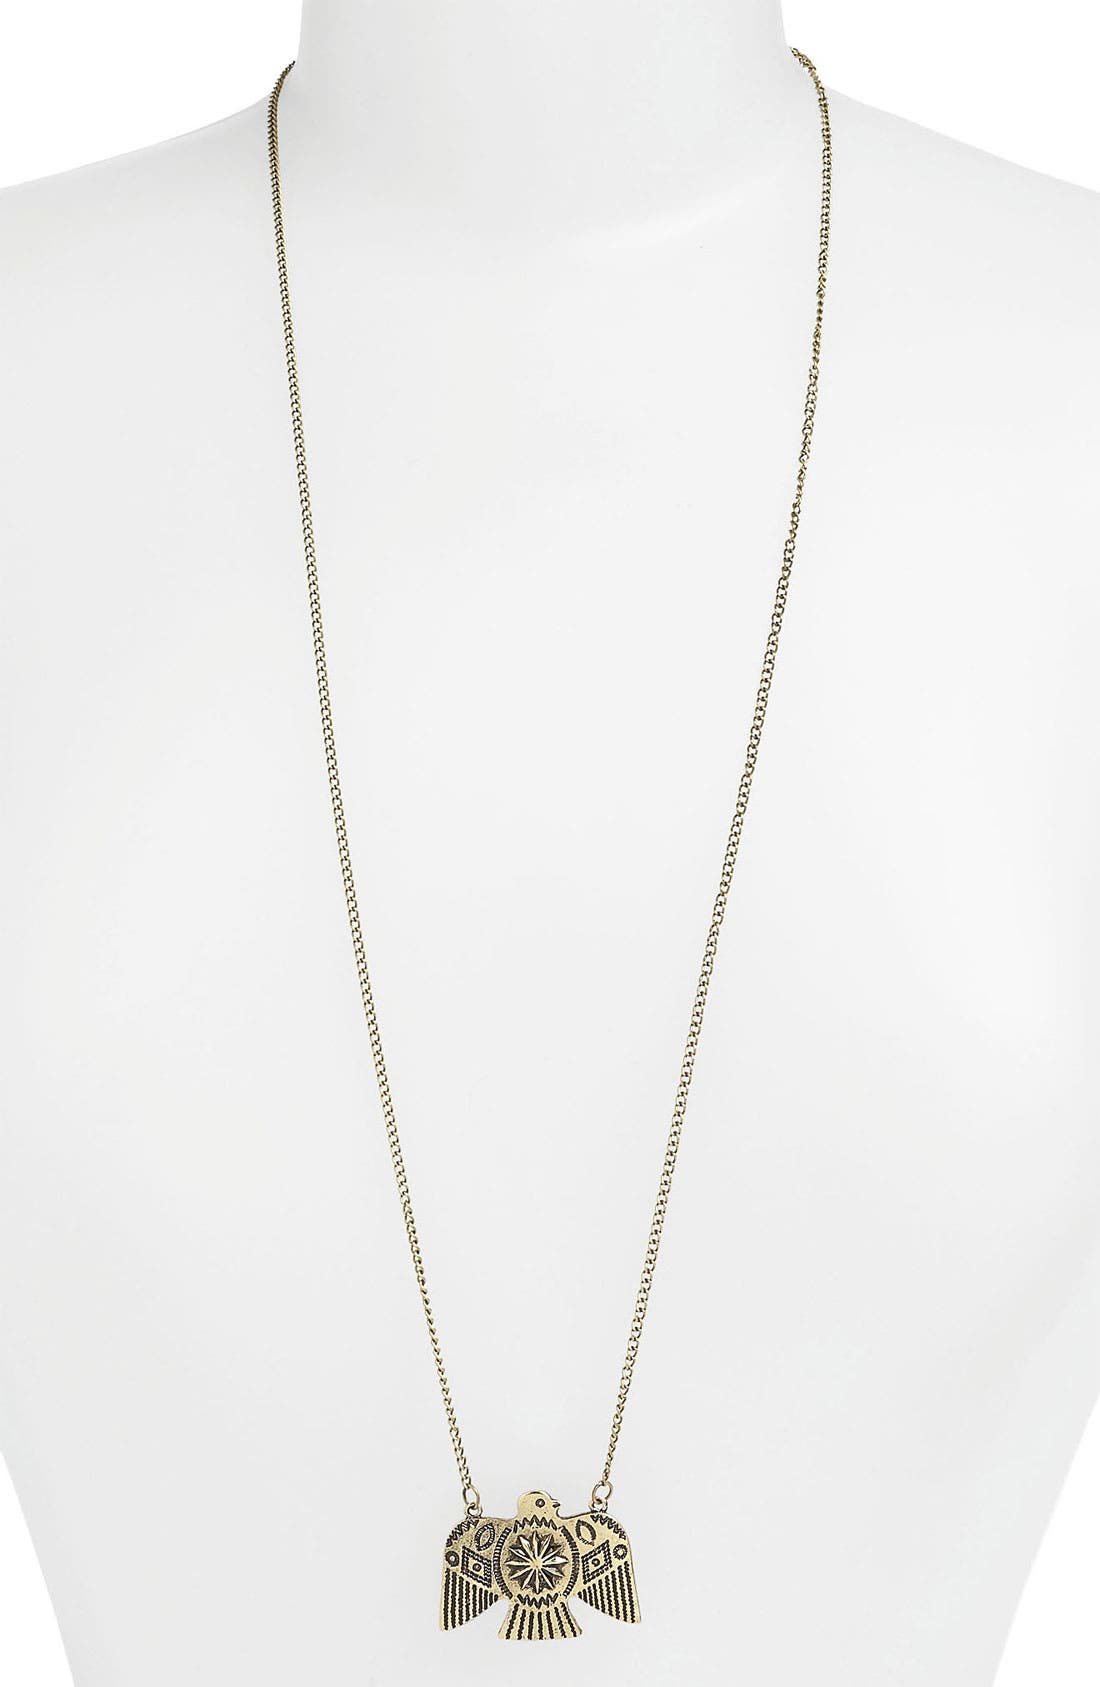 Main Image - Devan Eagle Pendant Necklace